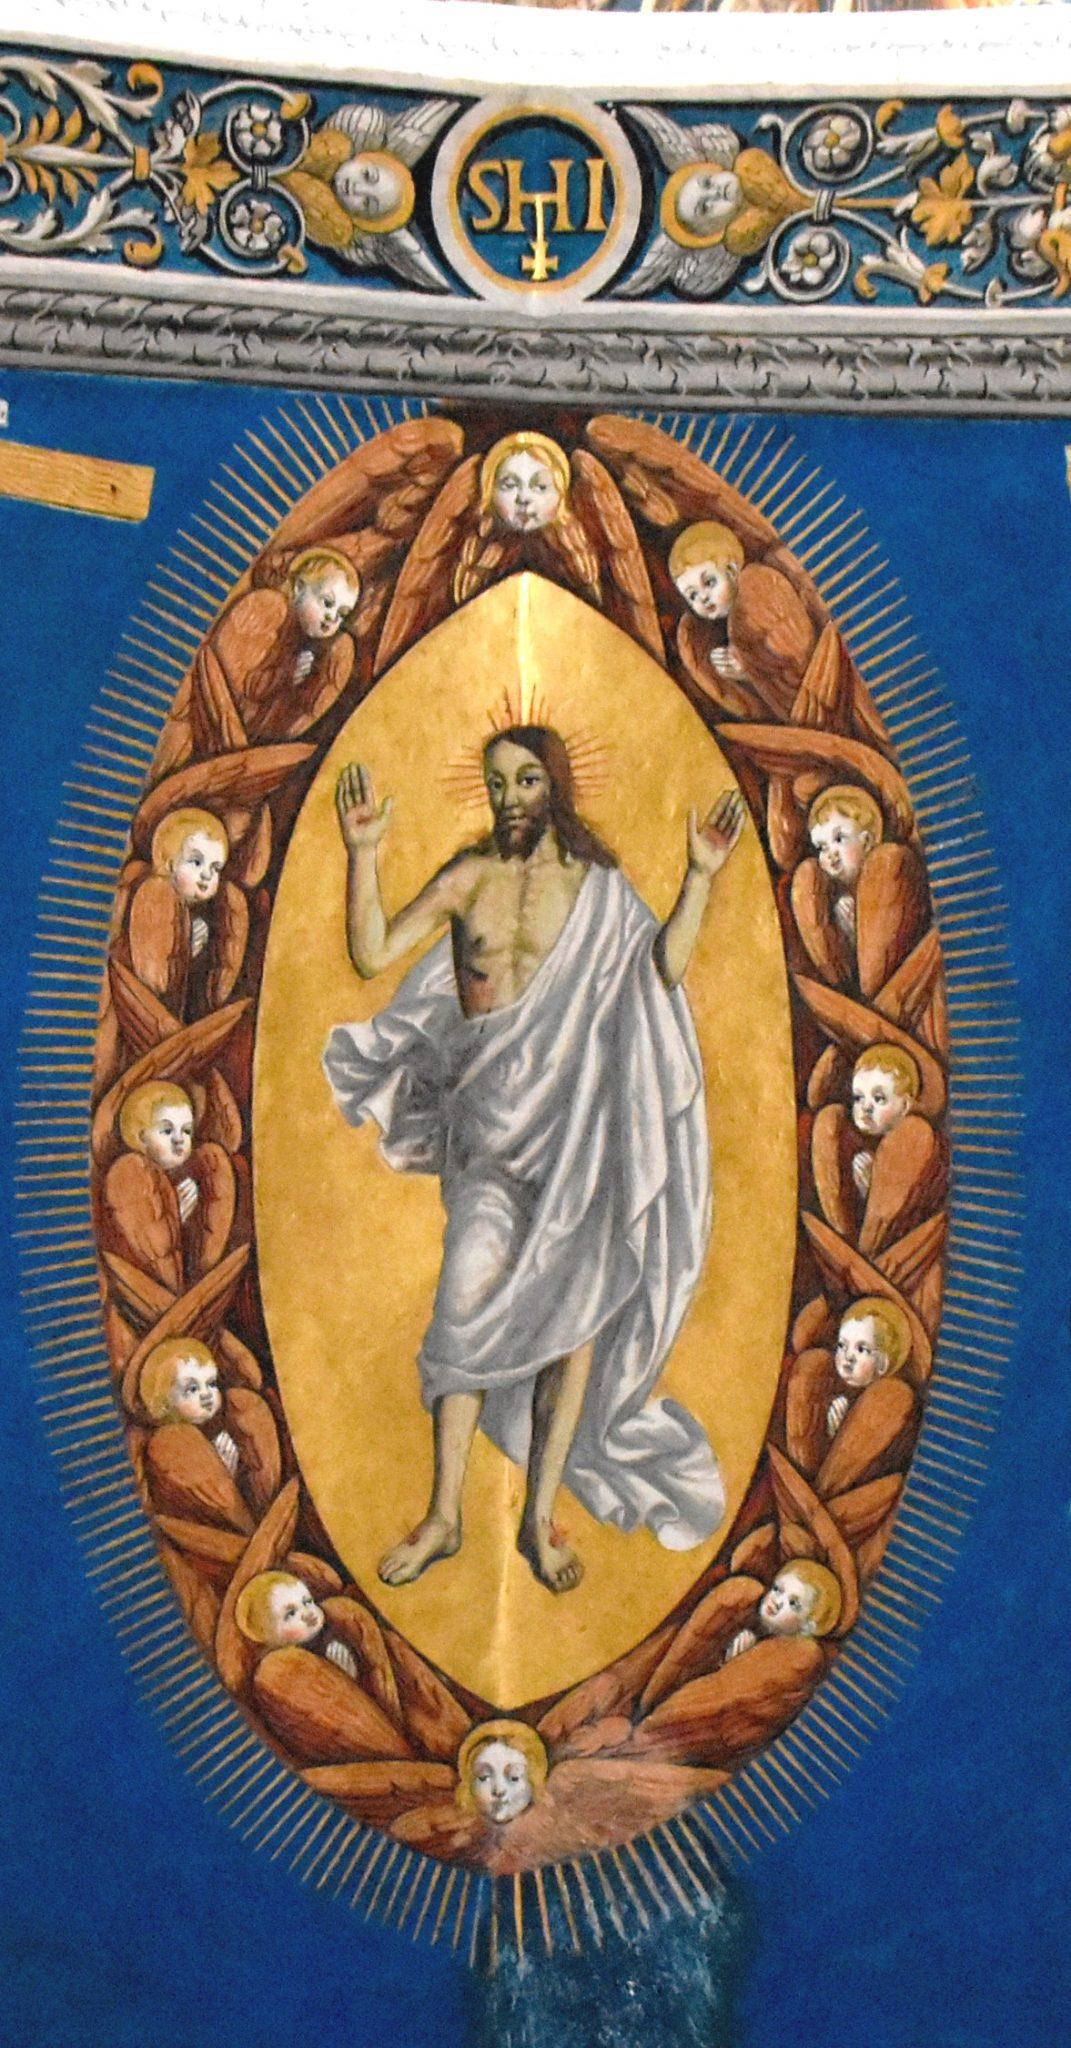 Fresque représentant Jésus ressuscité, Cathédrale Sainte-Cécile